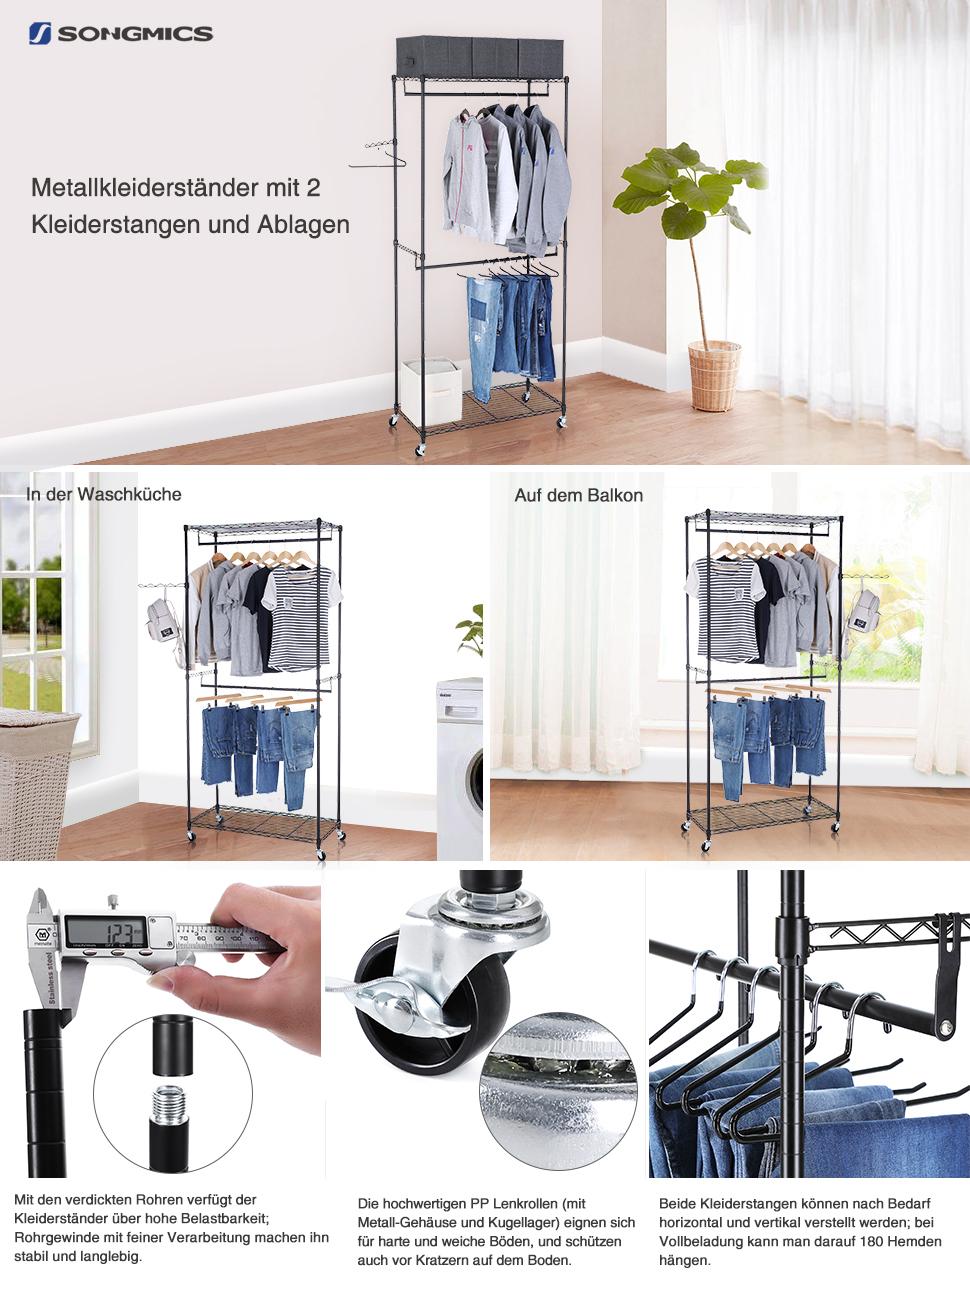 Berühmt Einfaches Gehäuse Design Für Küche Hängen Bilder - Ideen Für ...